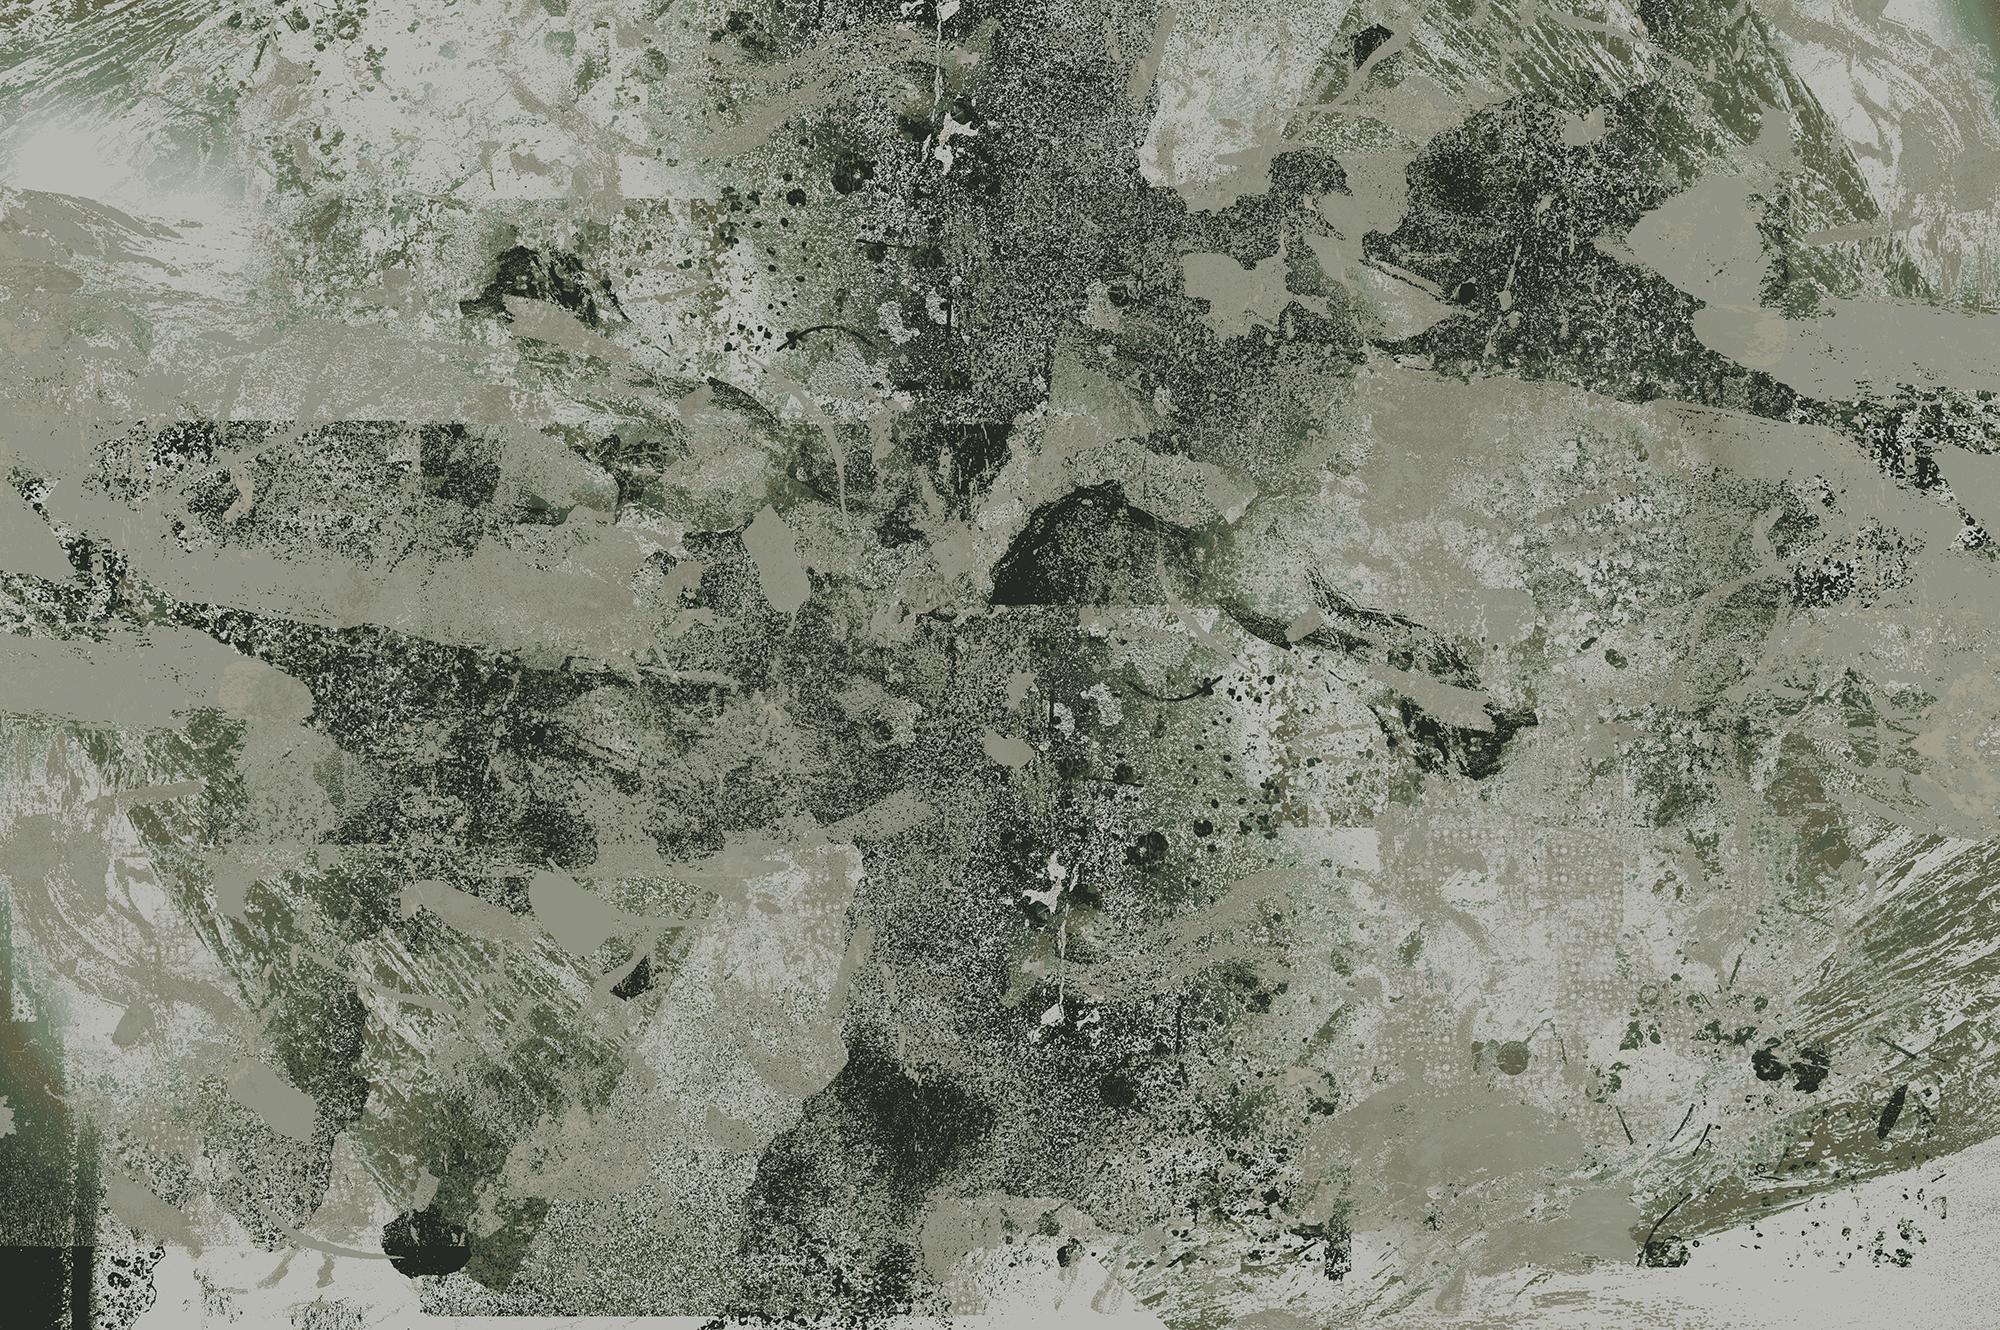 SigCarpets_cafeplacement_landscape.jpg